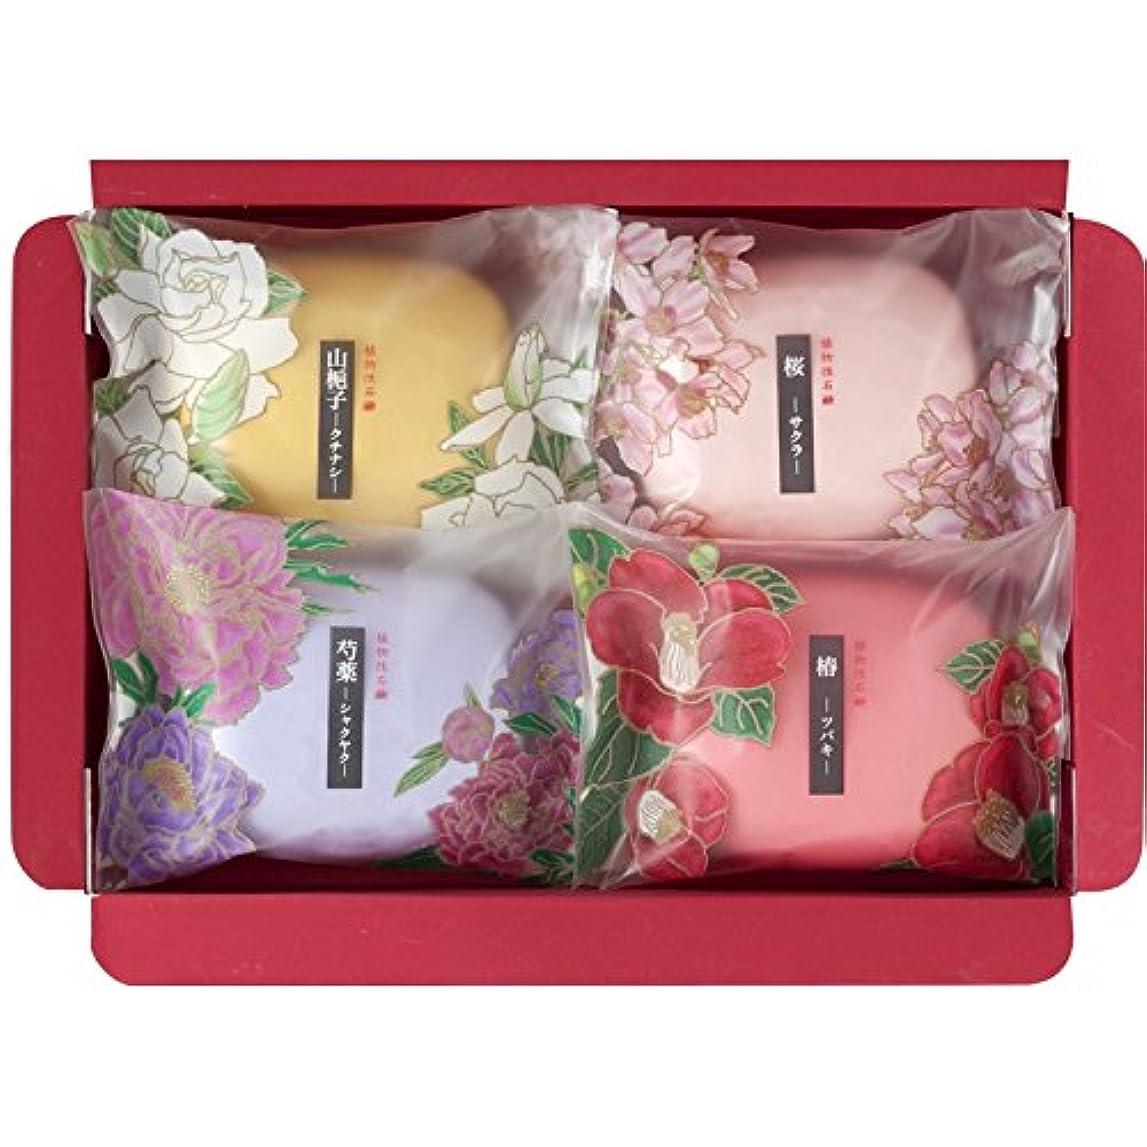 彩花だより SAK-05 【石けん 石鹸 うるおい いい香り 固形 詰め合わせ セット 良い香り 美容 個包装 肌に優しい 日本製】